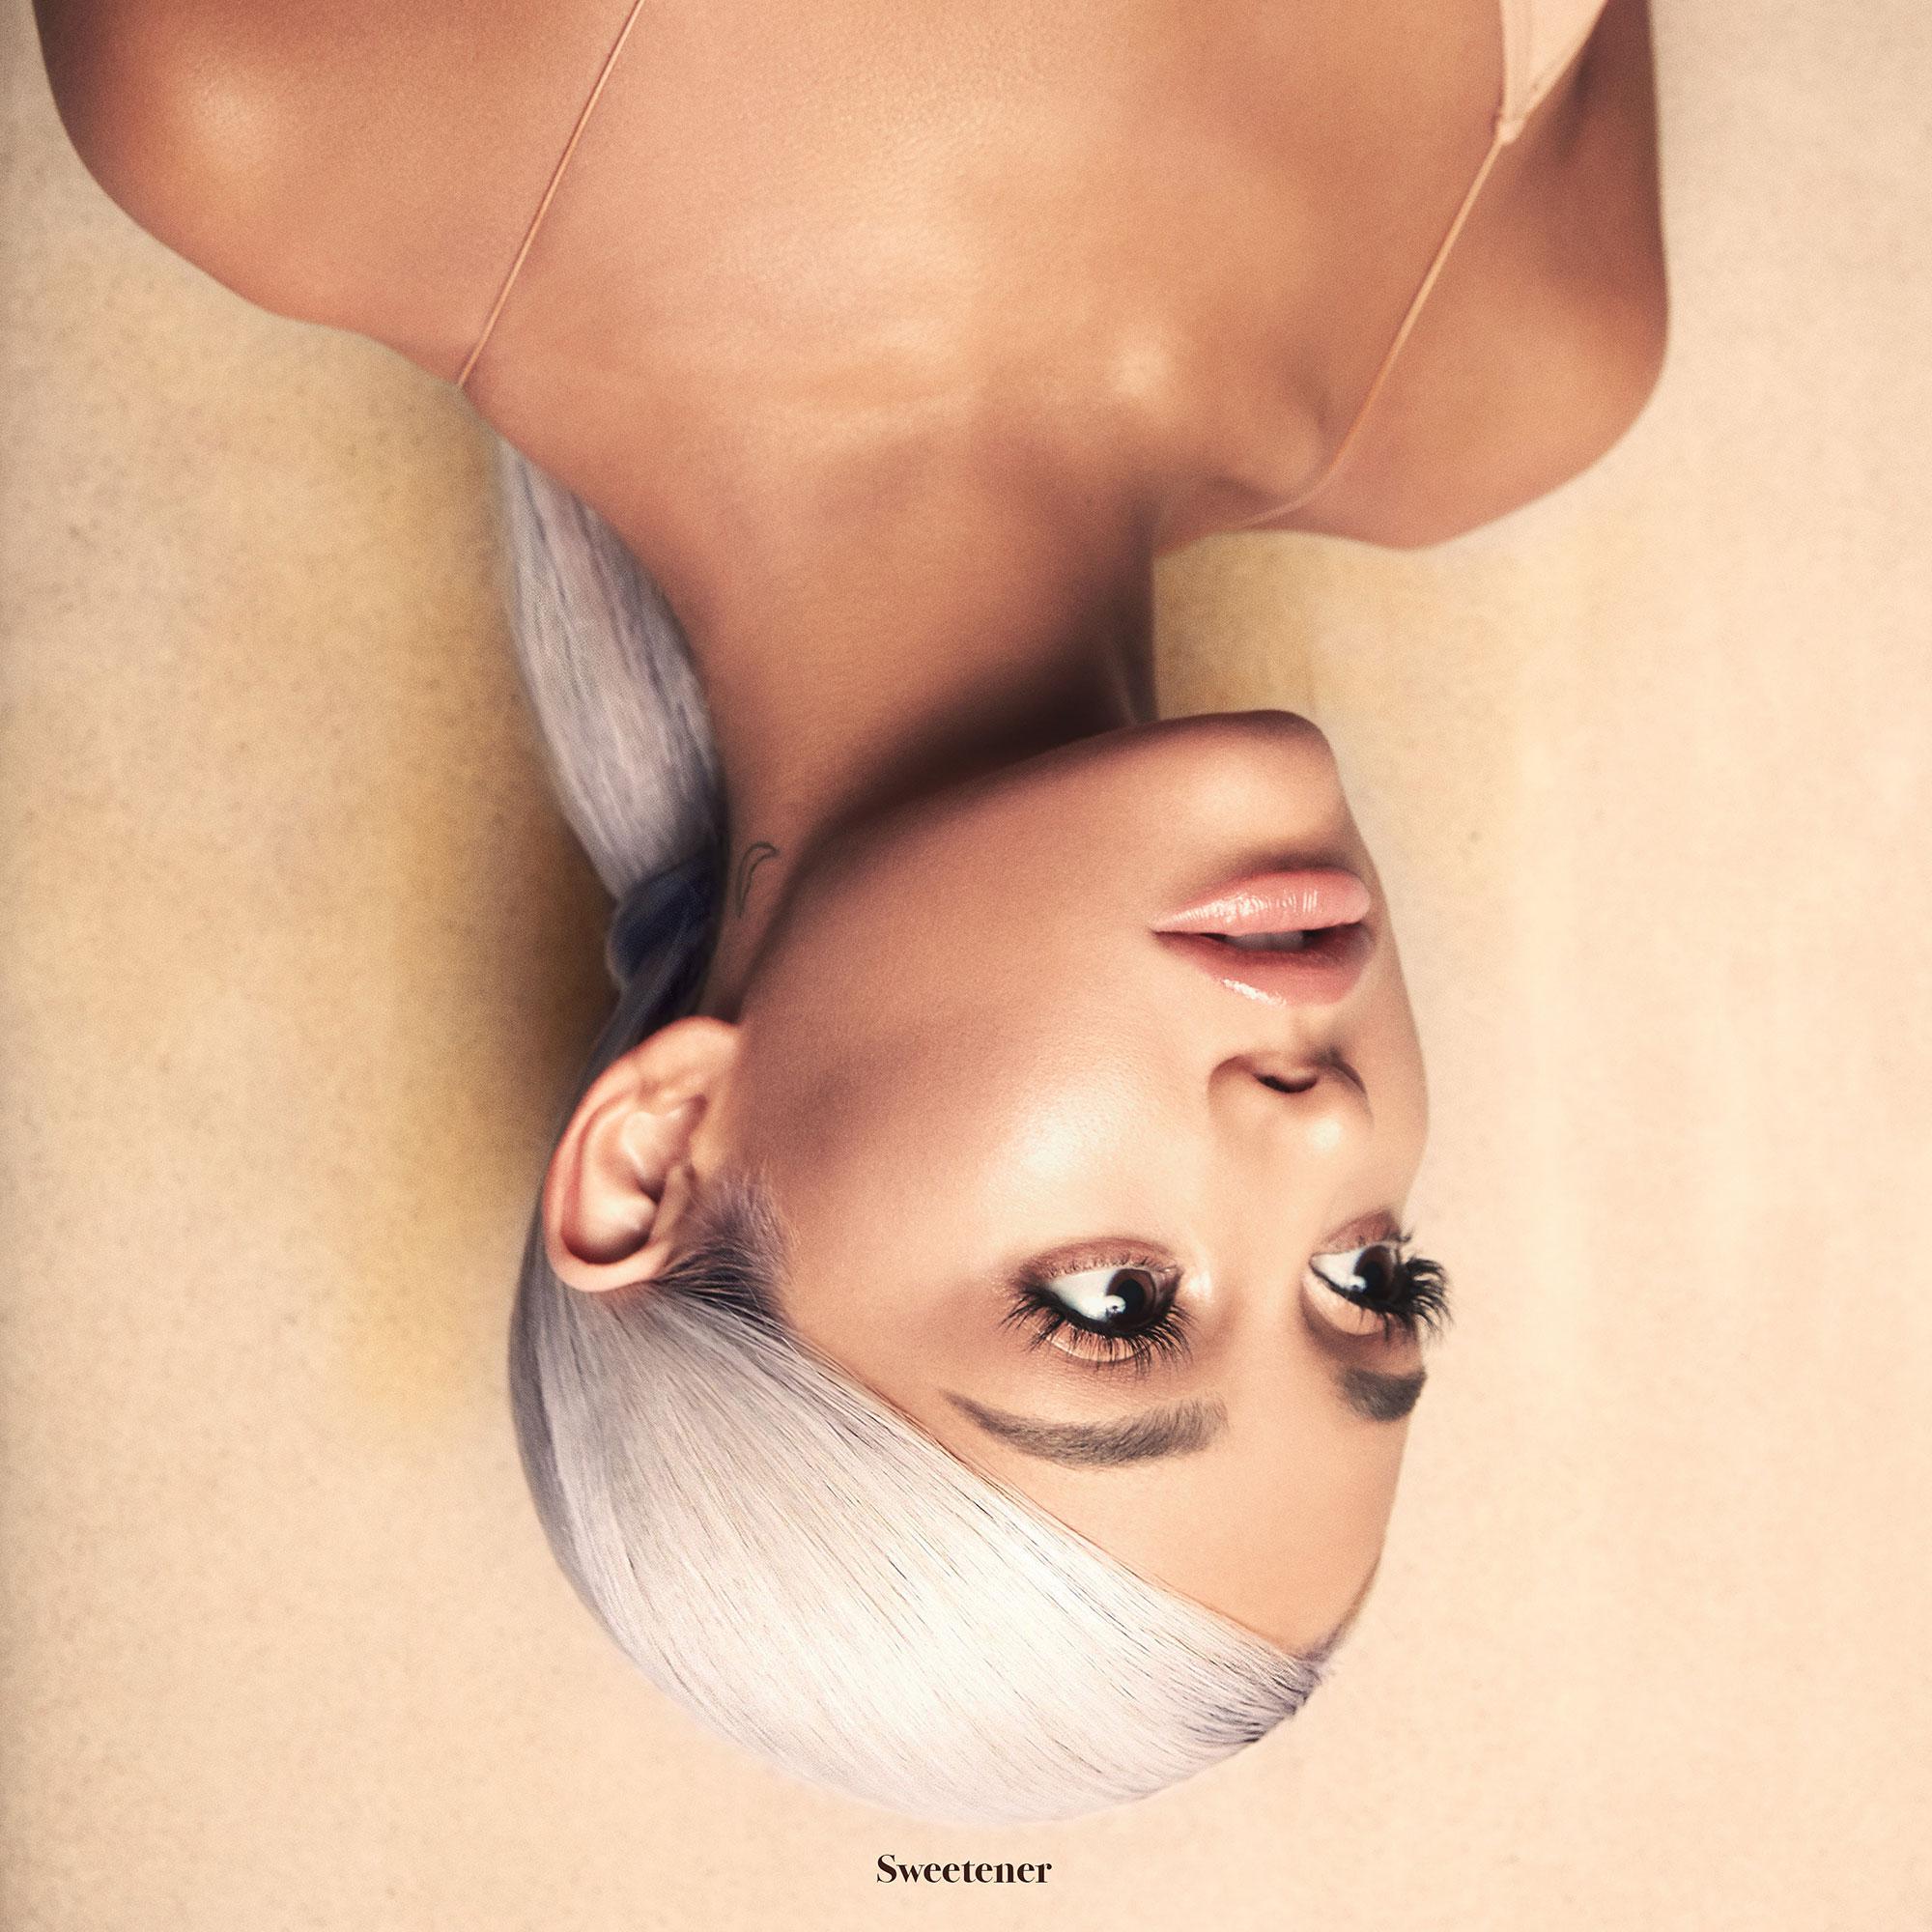 Ariana Grande Sweetener Grammys 2019